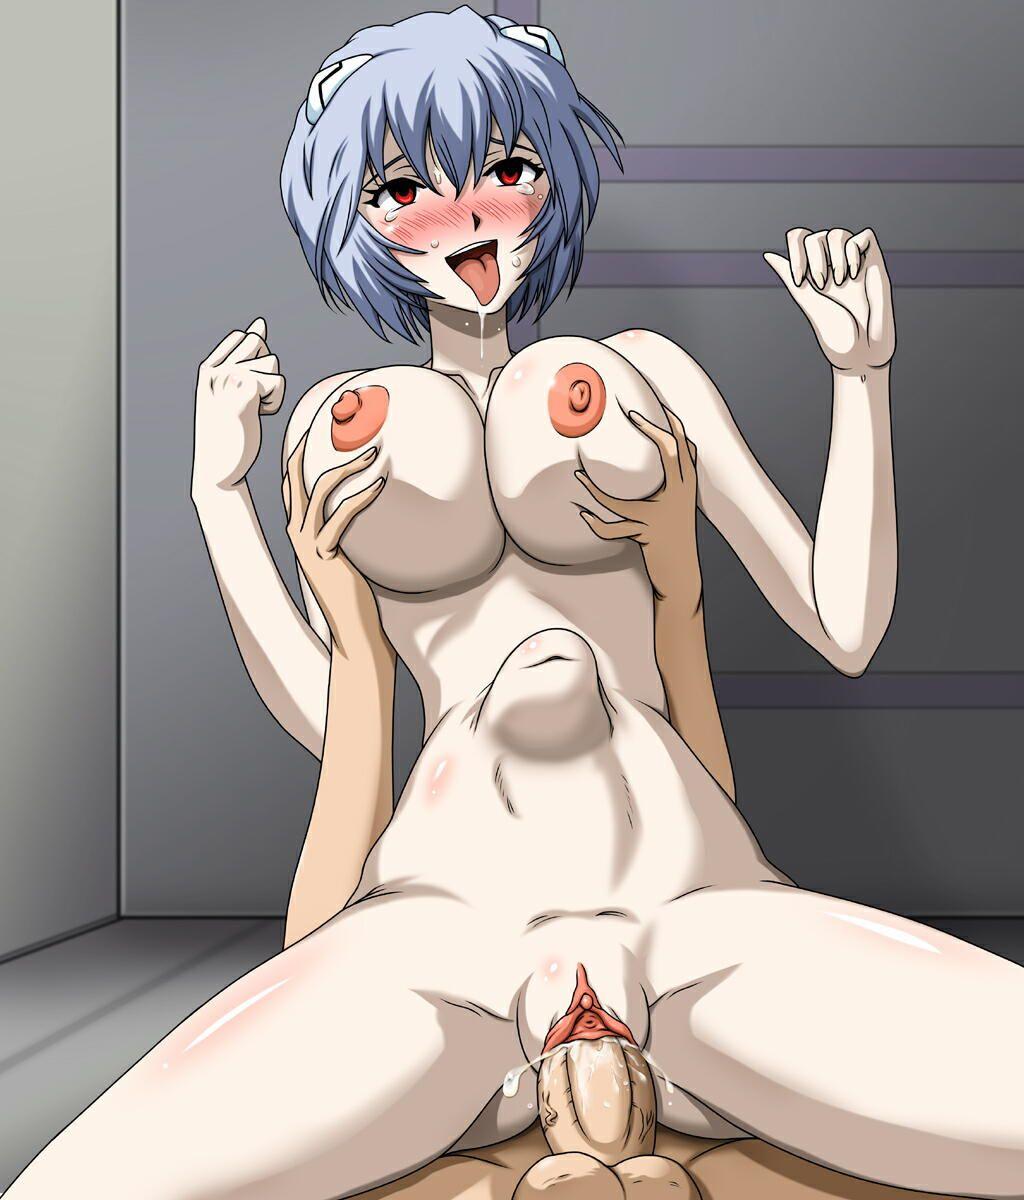 porno-ayanami-rey